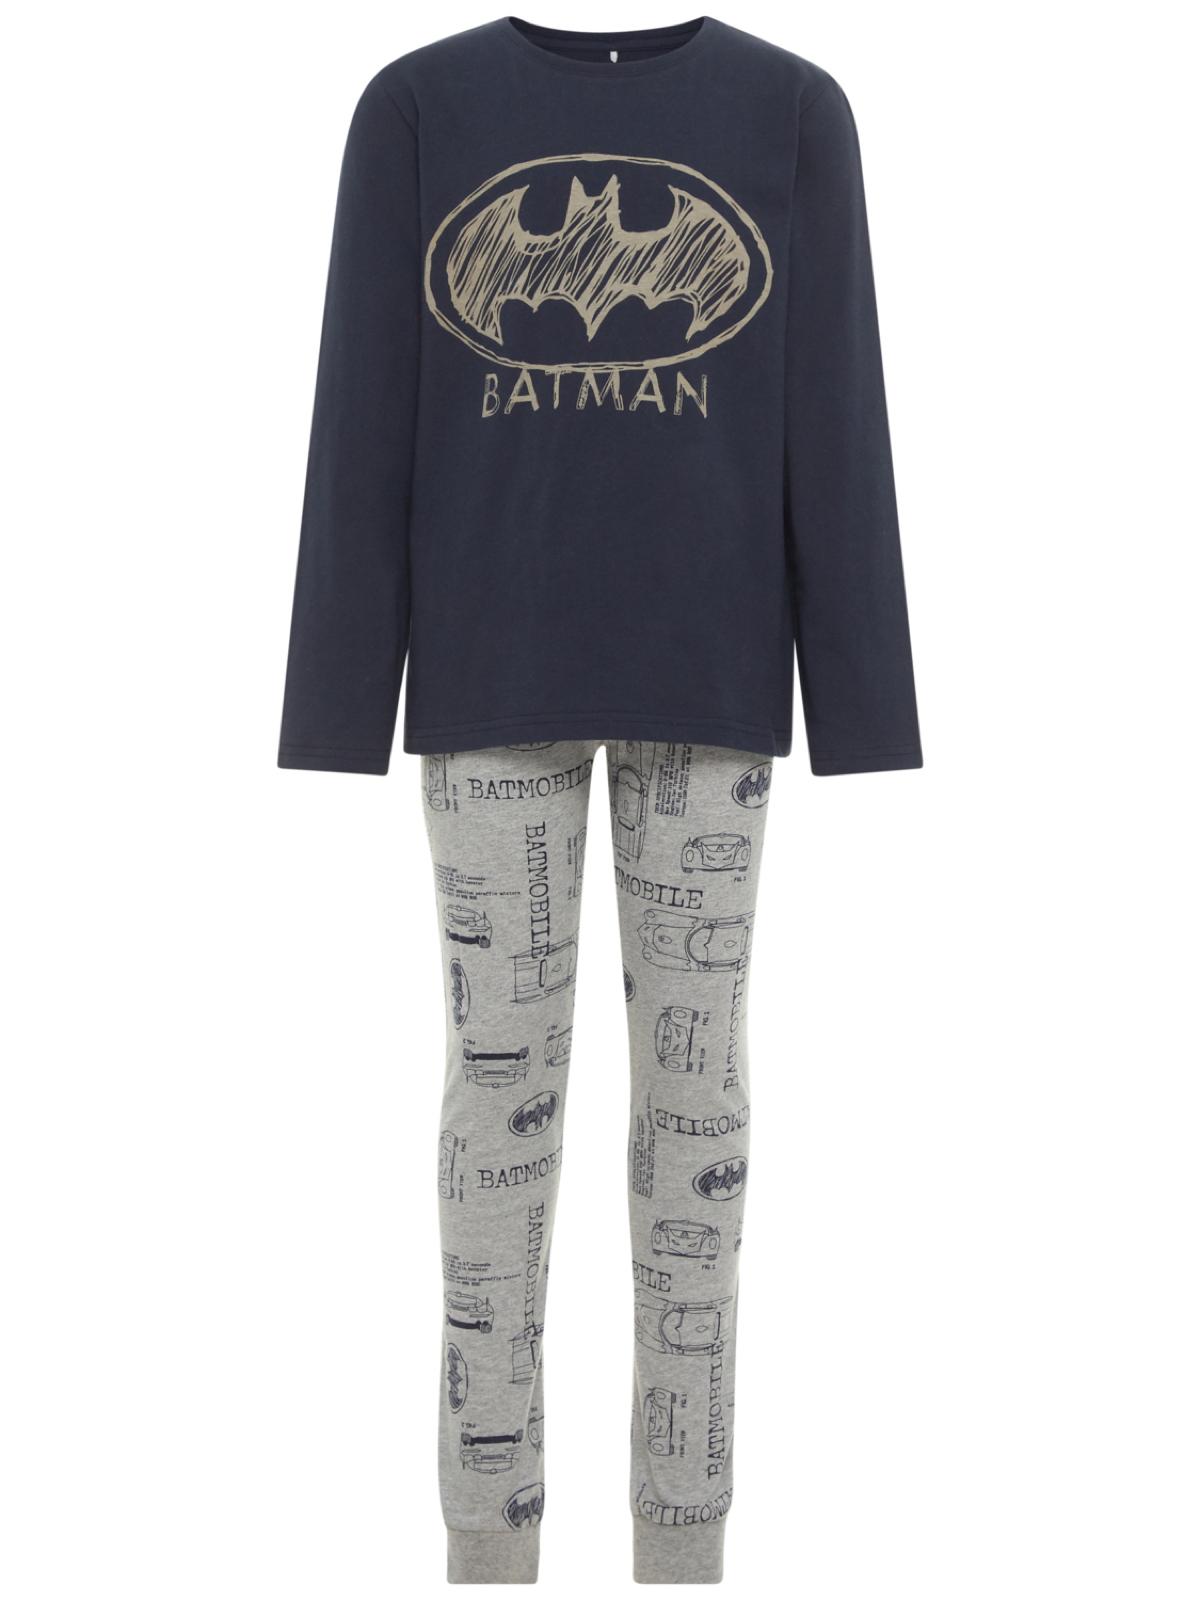 ba30abc755 name it Jungen Pyjama Zweiteiliger Schlafanzug NkmBatman Batman Motiv  Baumwolle